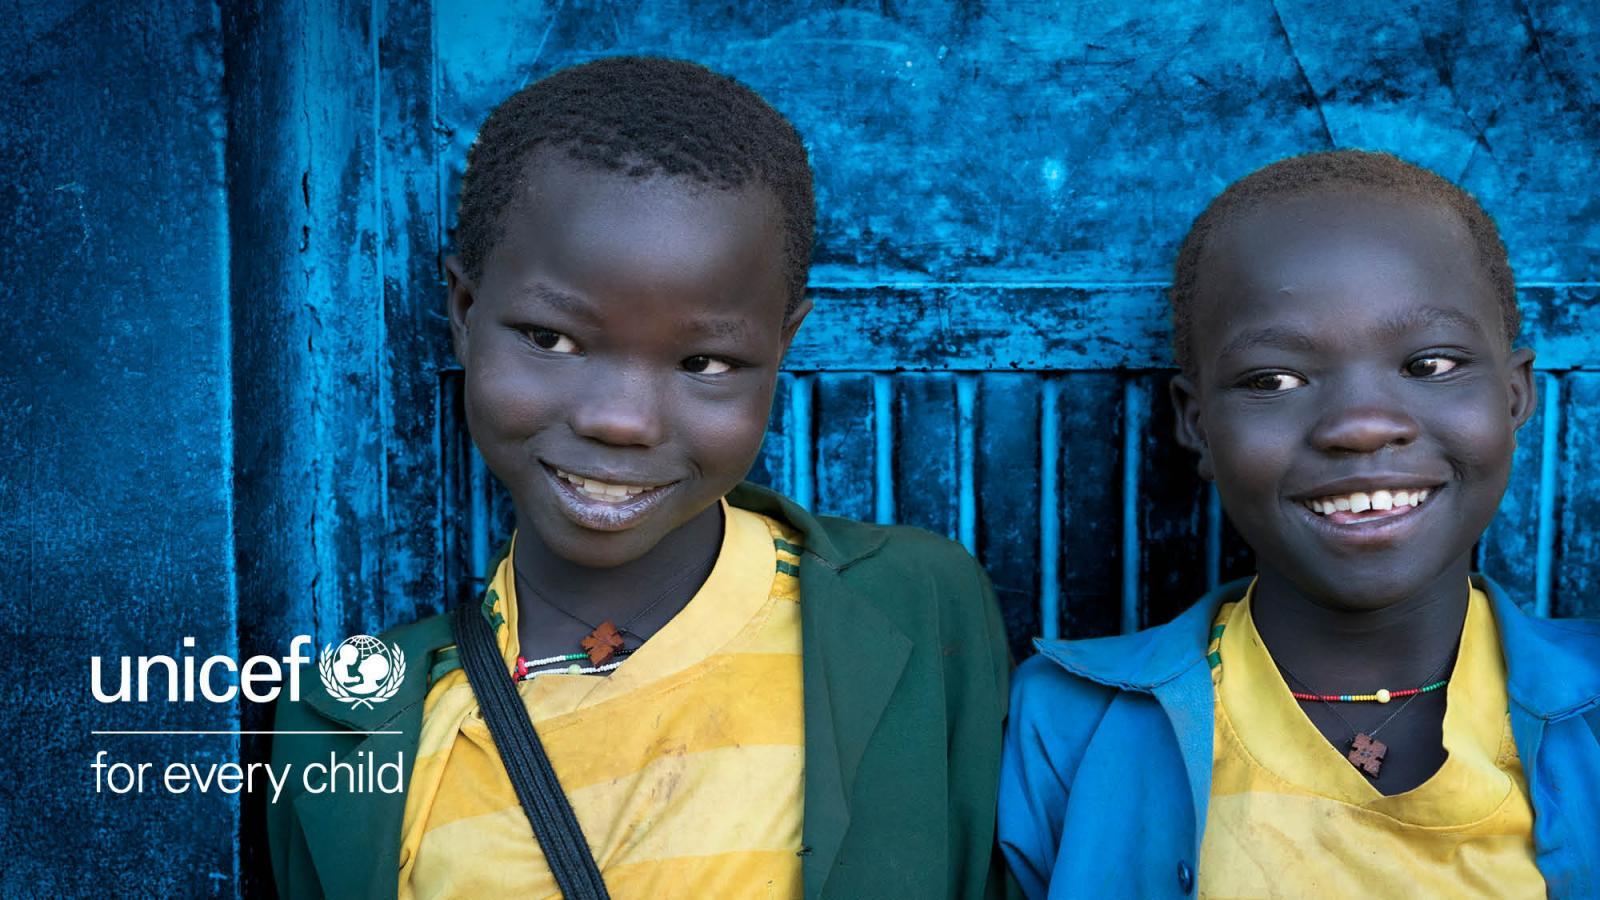 UNICEF utilizza il mining di criptovalute per la raccolta di fondi mondiale - UNICEF utilizza il mining di criptovalute per la raccolta di fondi mondiale